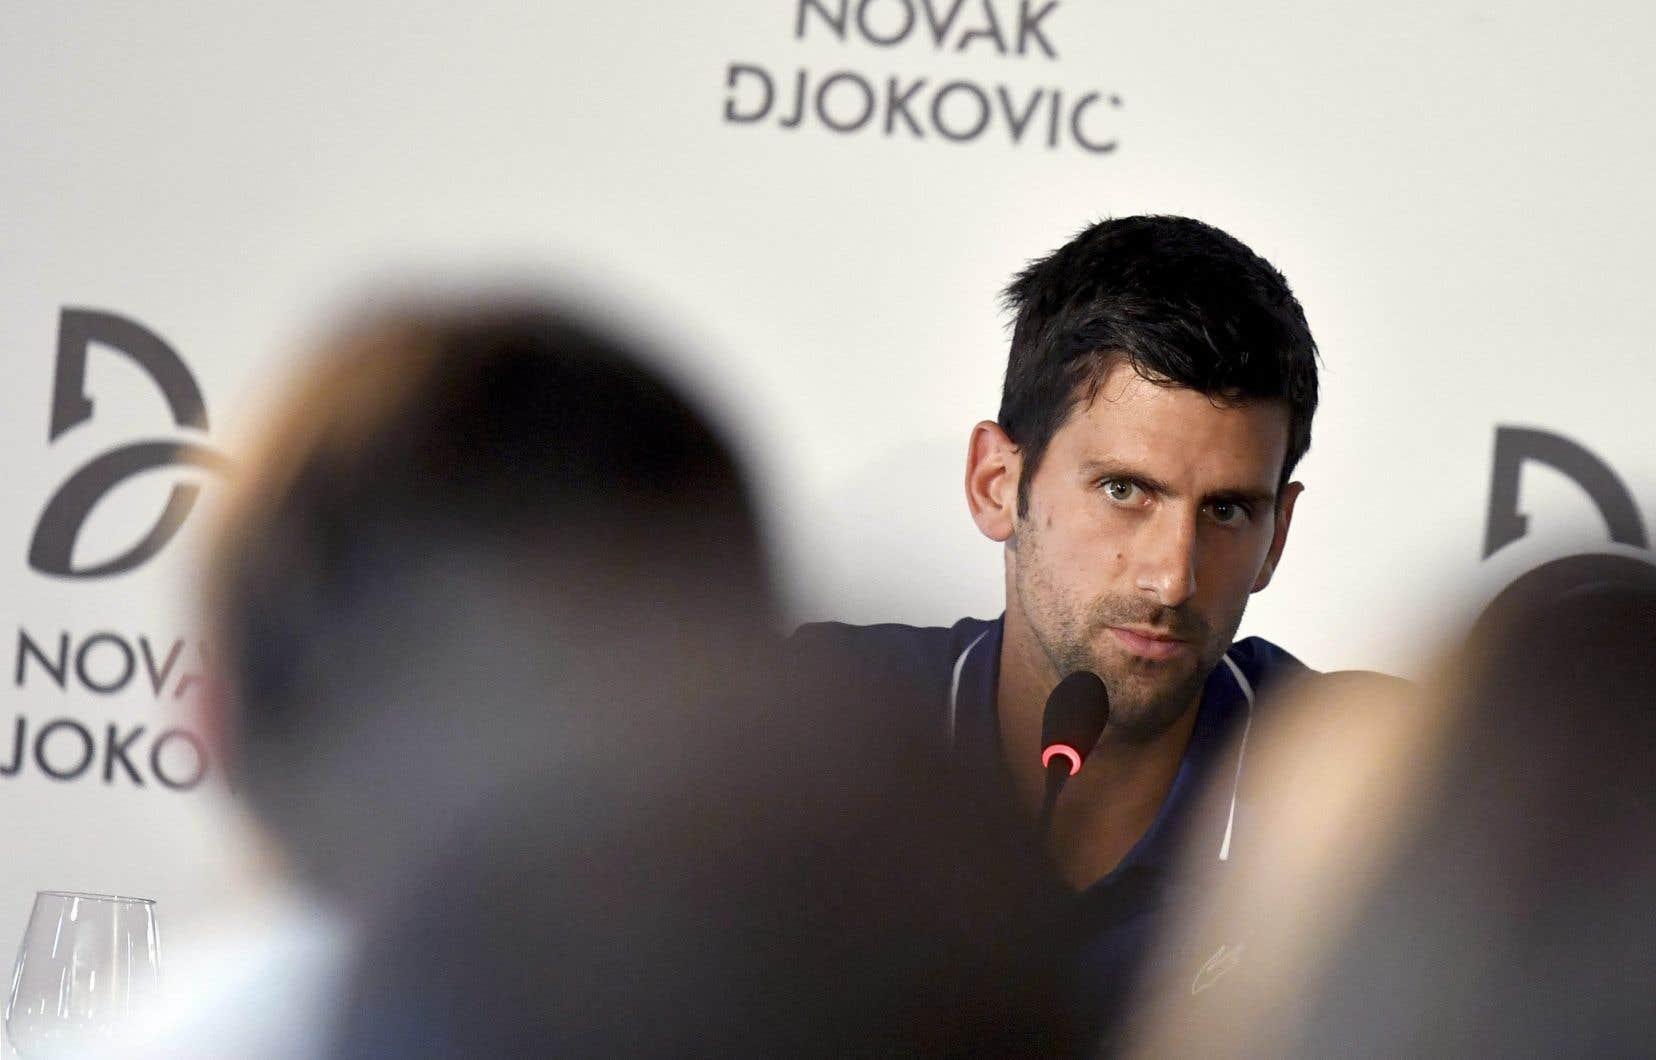 Novak Djokovic est passé en 12e place du classement de l'ATP.